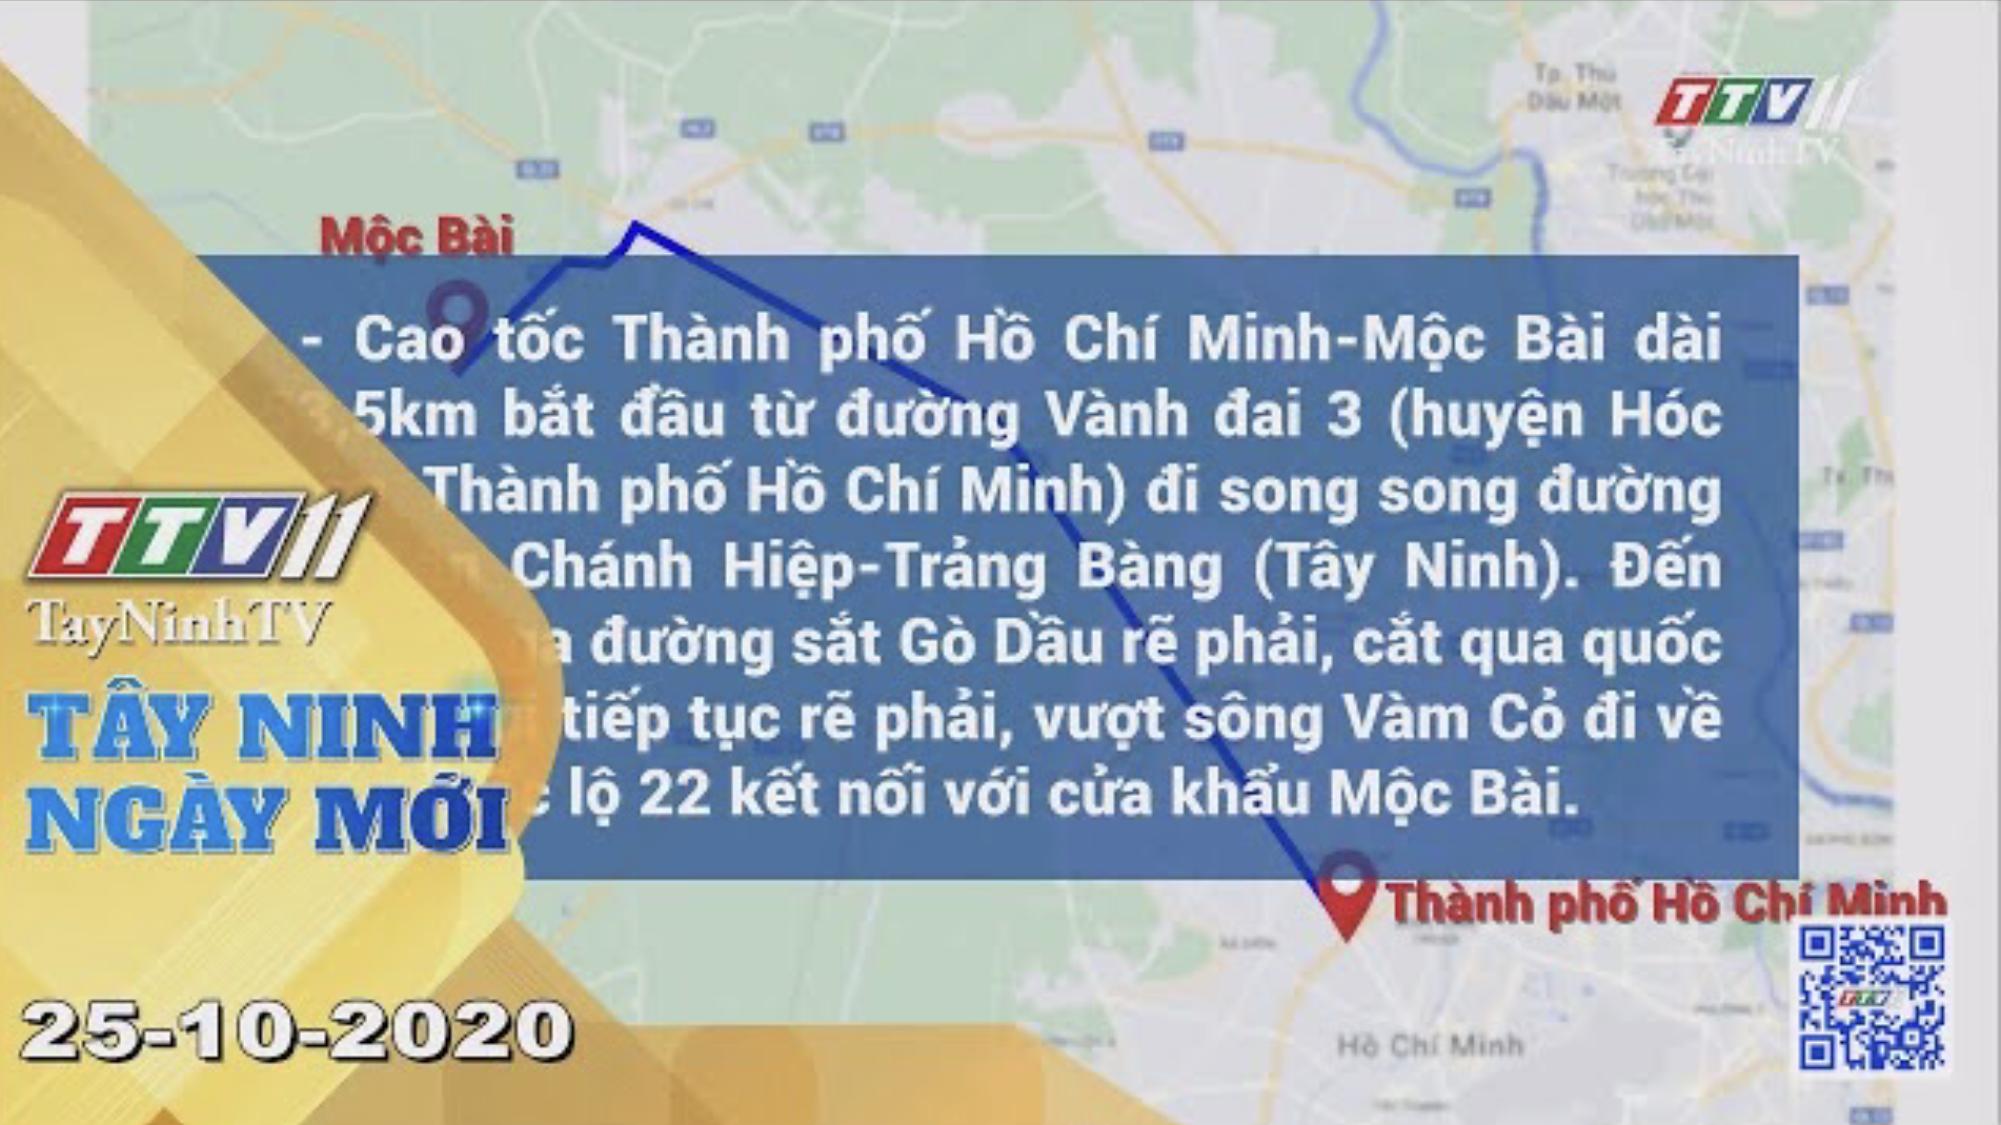 Tây Ninh Ngày Mới 25-10-2020 | Tin tức hôm nay | TayNinhTV